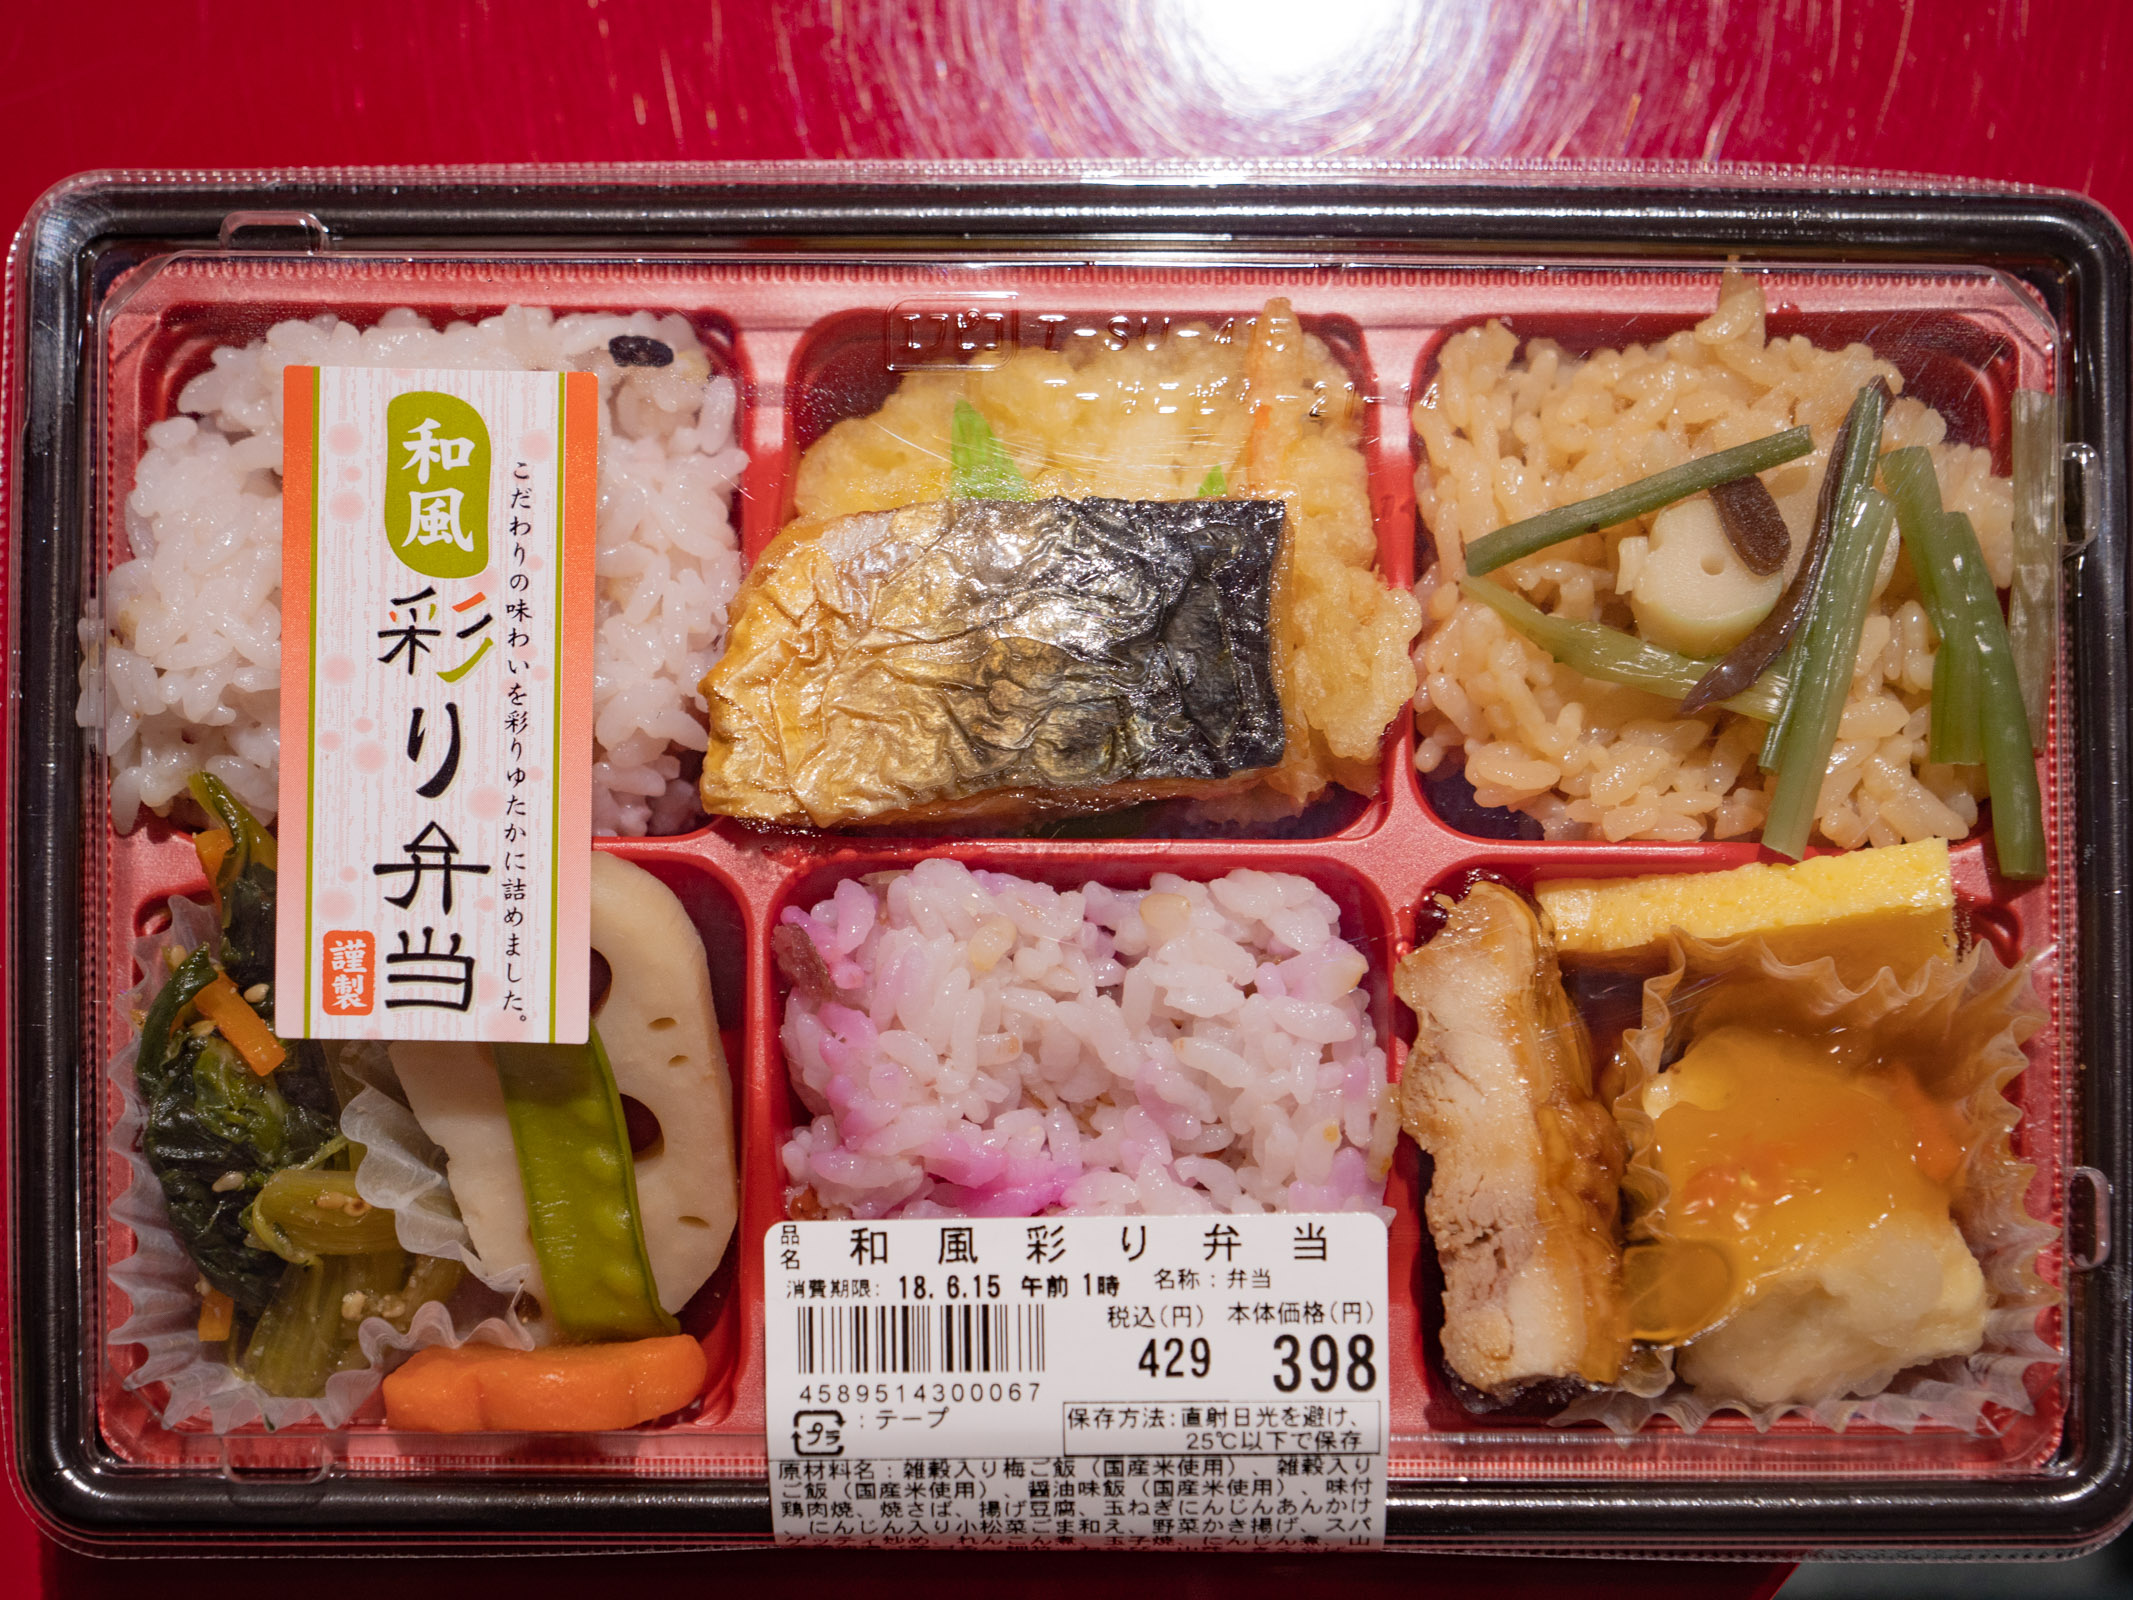 イオン湯川店で買った和風彩り弁当429円税込